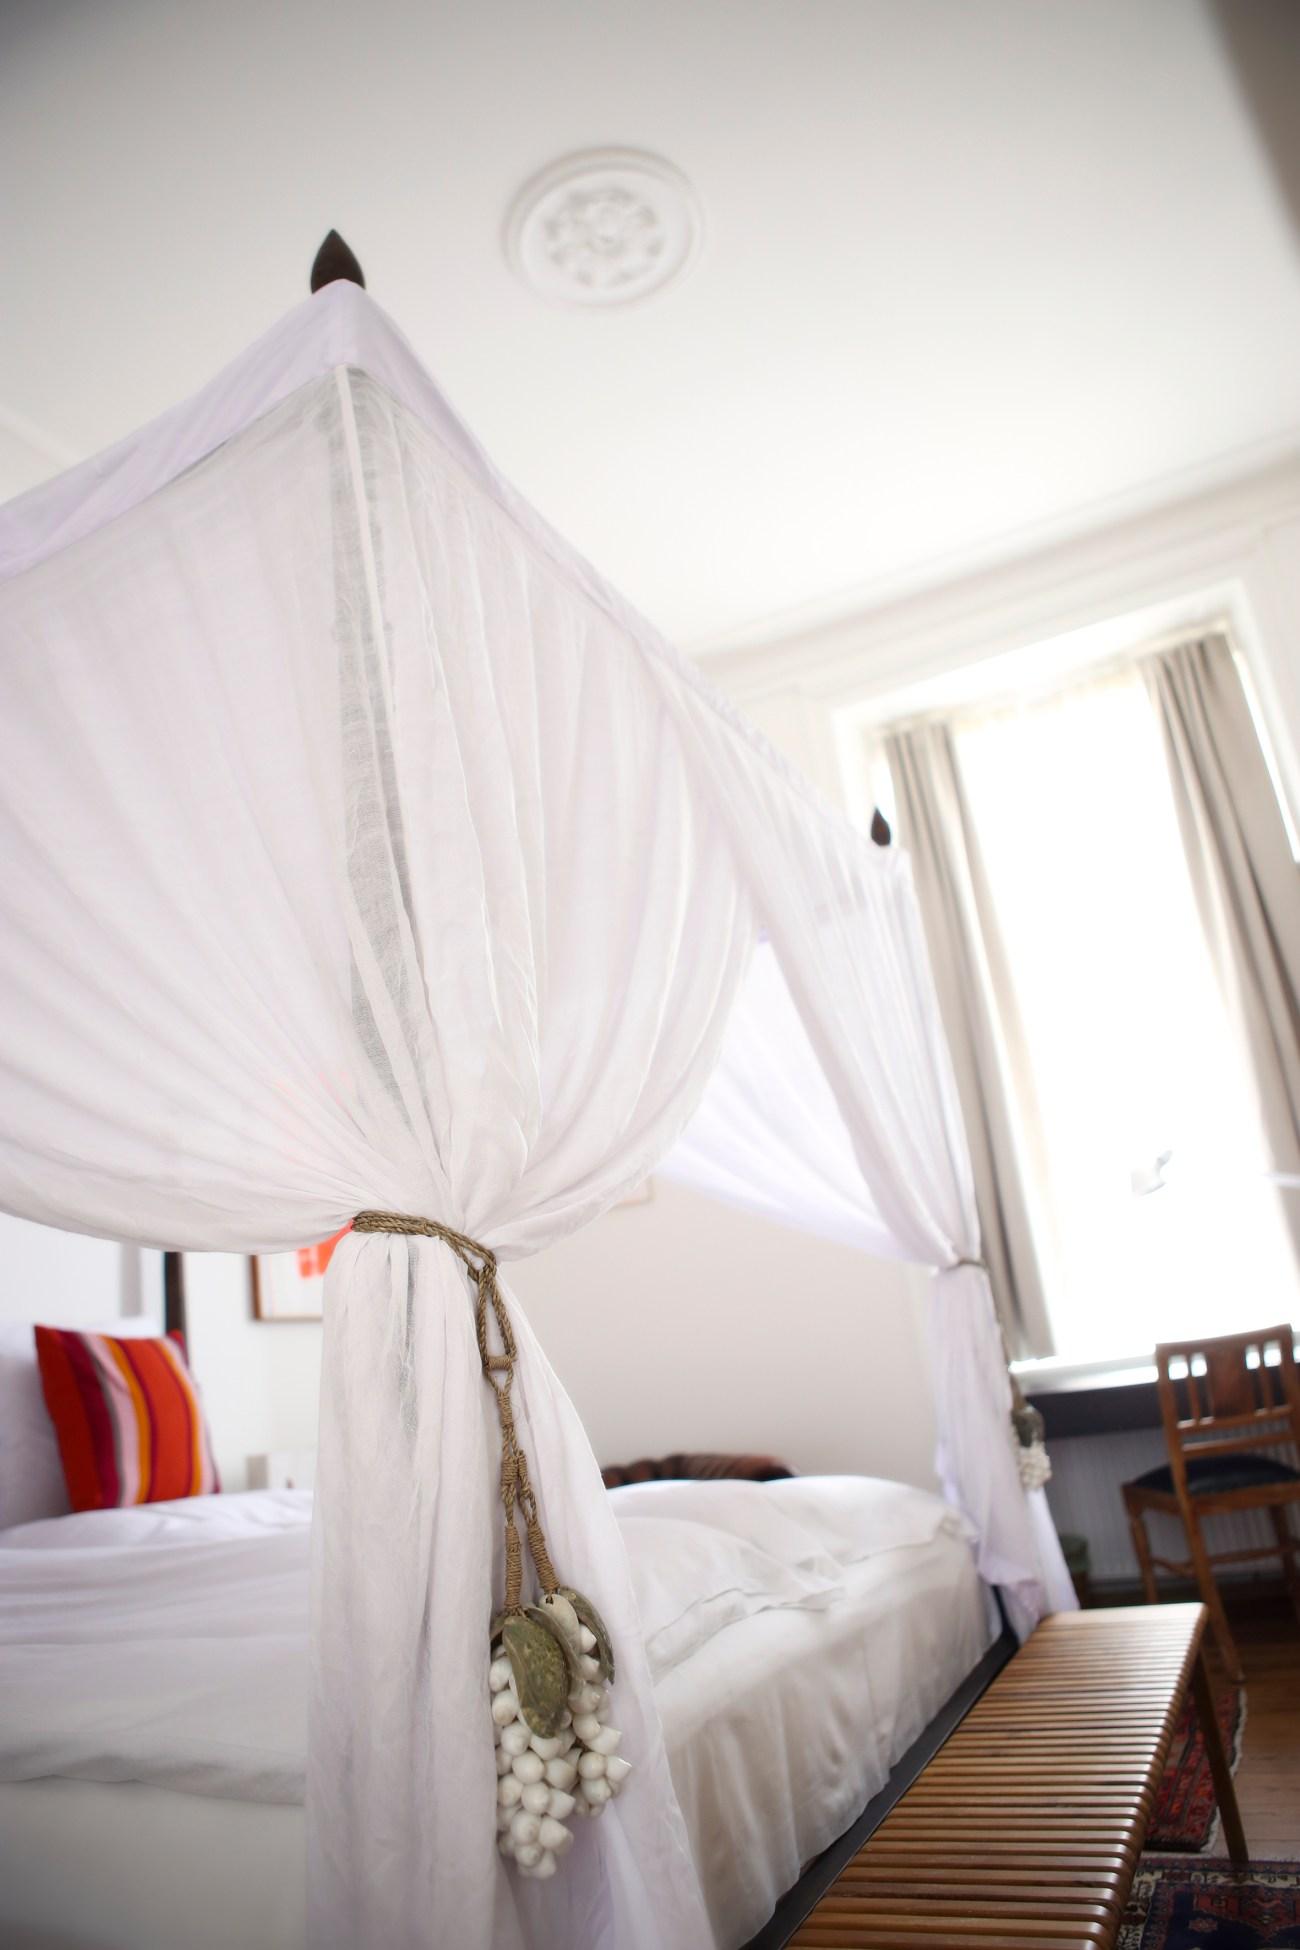 Babette_Guldsmeden hotel, Copenhagen